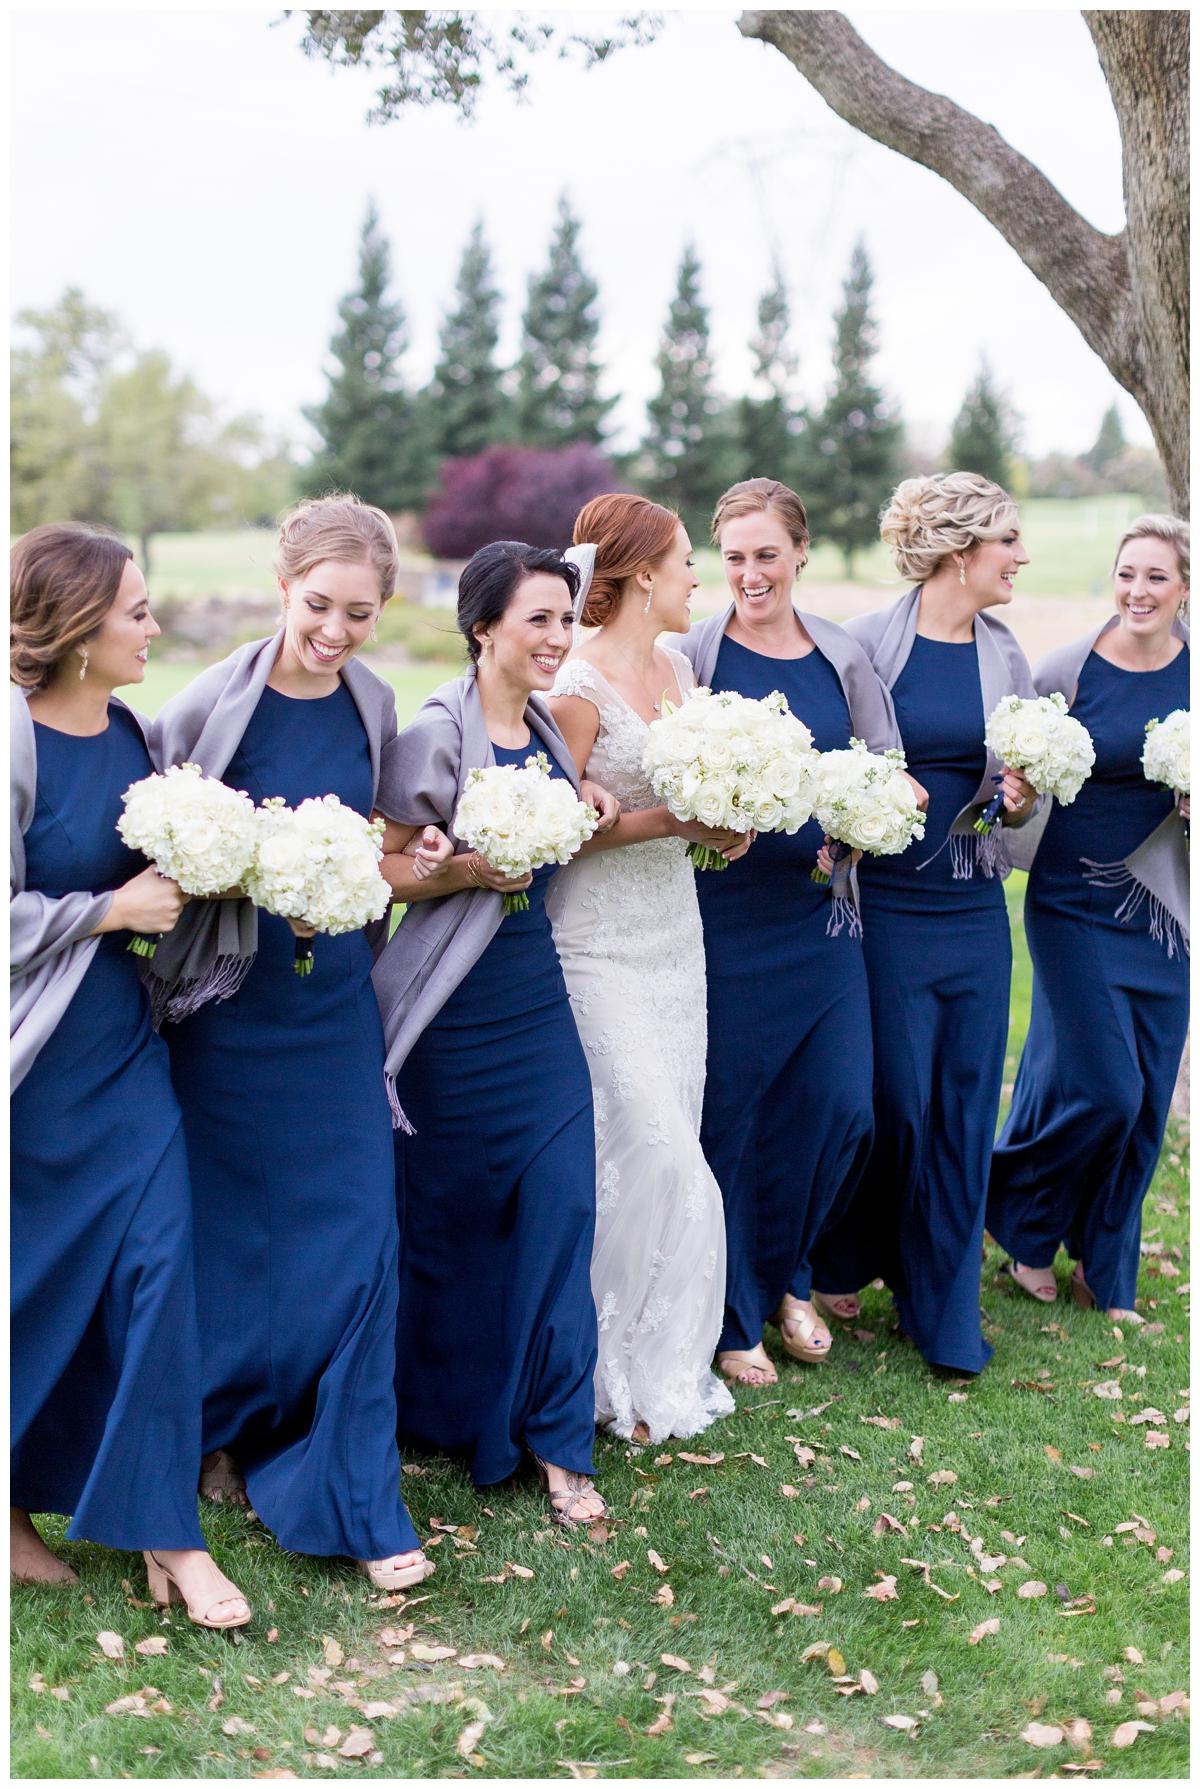 Canyon-Oaks-Country-Club-Wedding-Photos_2933.jpg